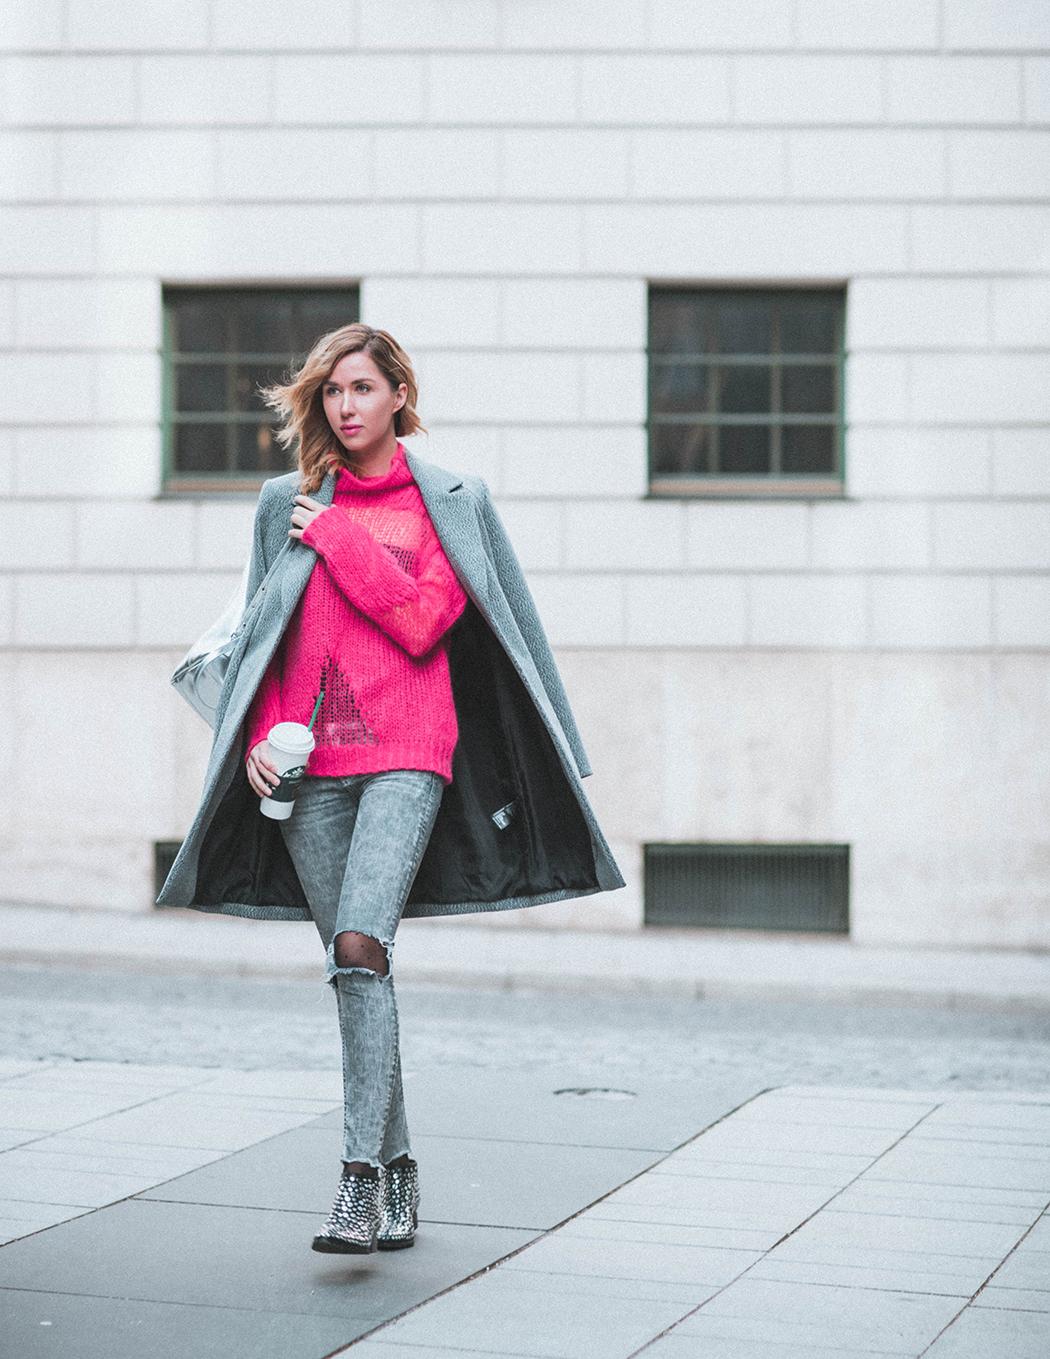 Fashionblog-Fashionblogger-Fashion-Blog-Blogger-Muenchen-Deutschland-Max-and-Co-Rucksack-silber-Lindarella-2-web